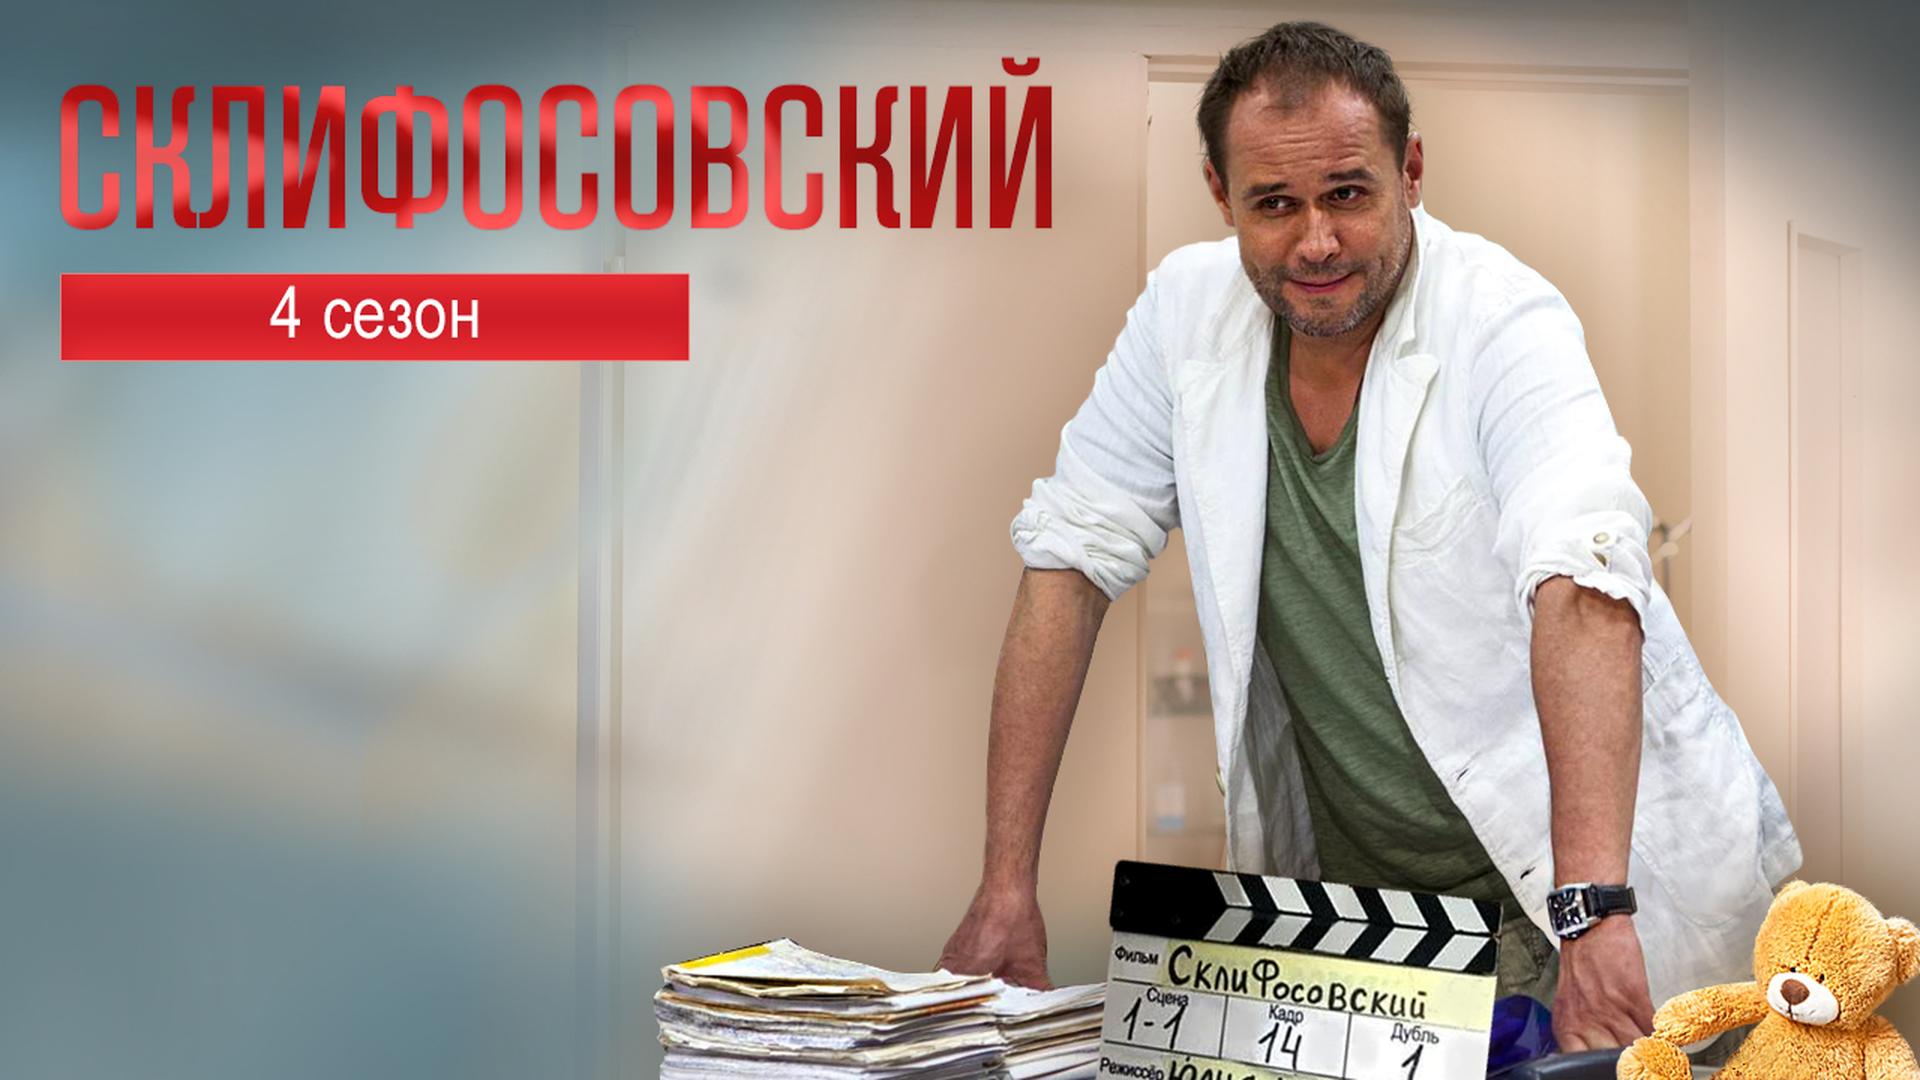 Склифосовский (4 сезон)